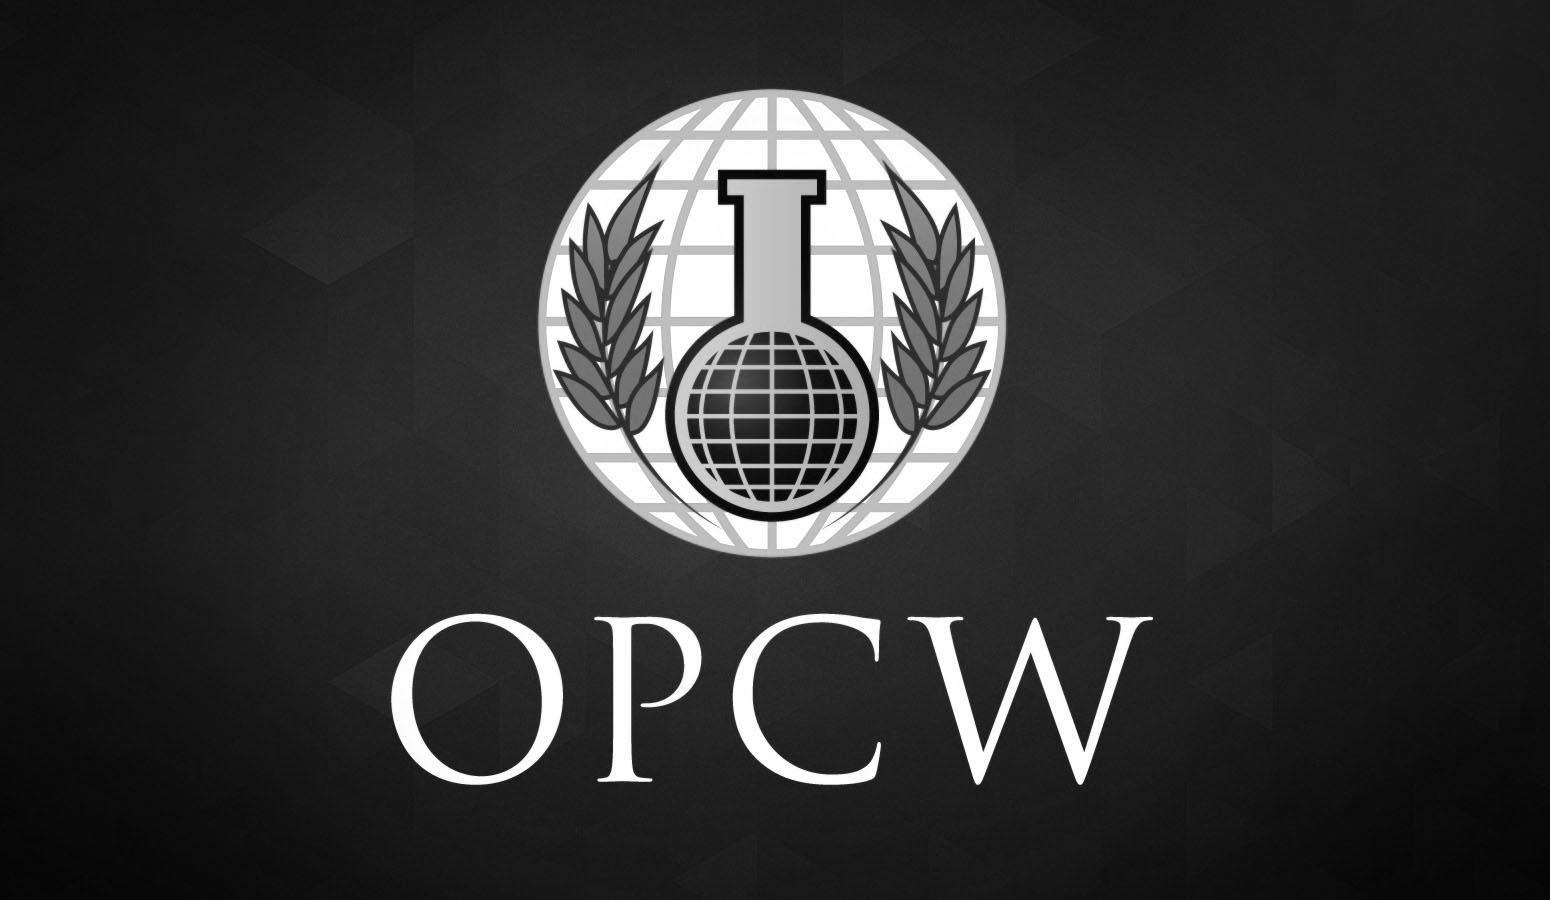 http://www.bluepalmentertainment.nl/wp-content/uploads/2020/01/OPCW.jpg